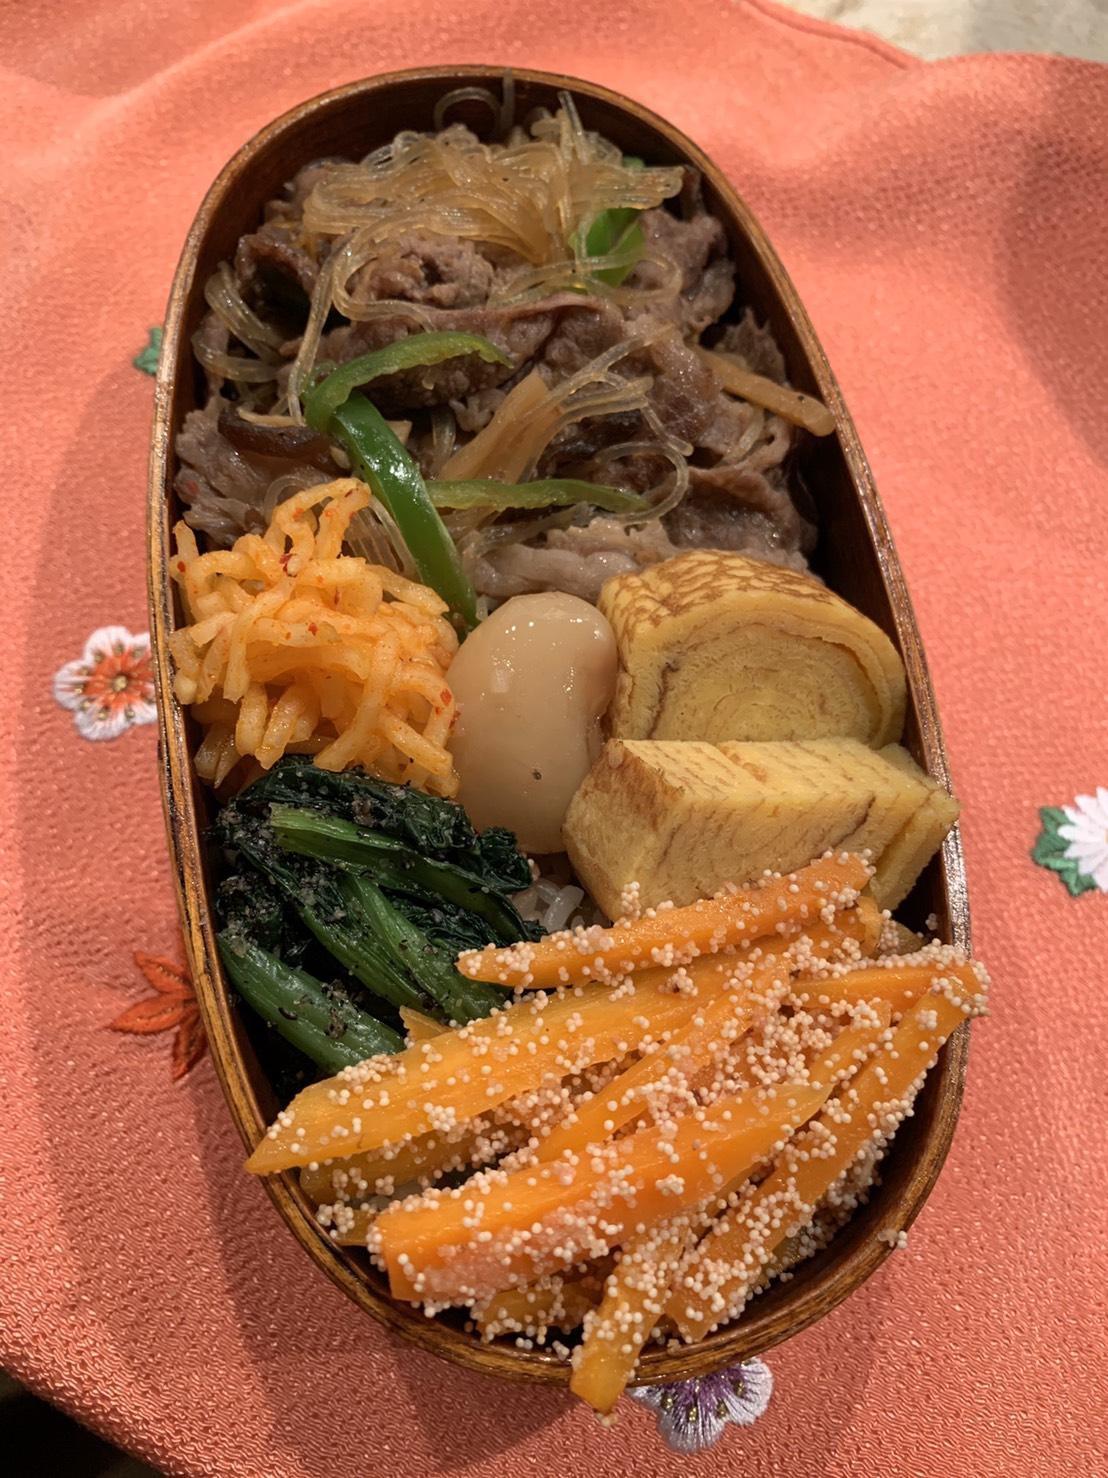 「夏! ご飯が進む韓国料理」【連載企画】今江サチコさんの今月のアスリート弁当